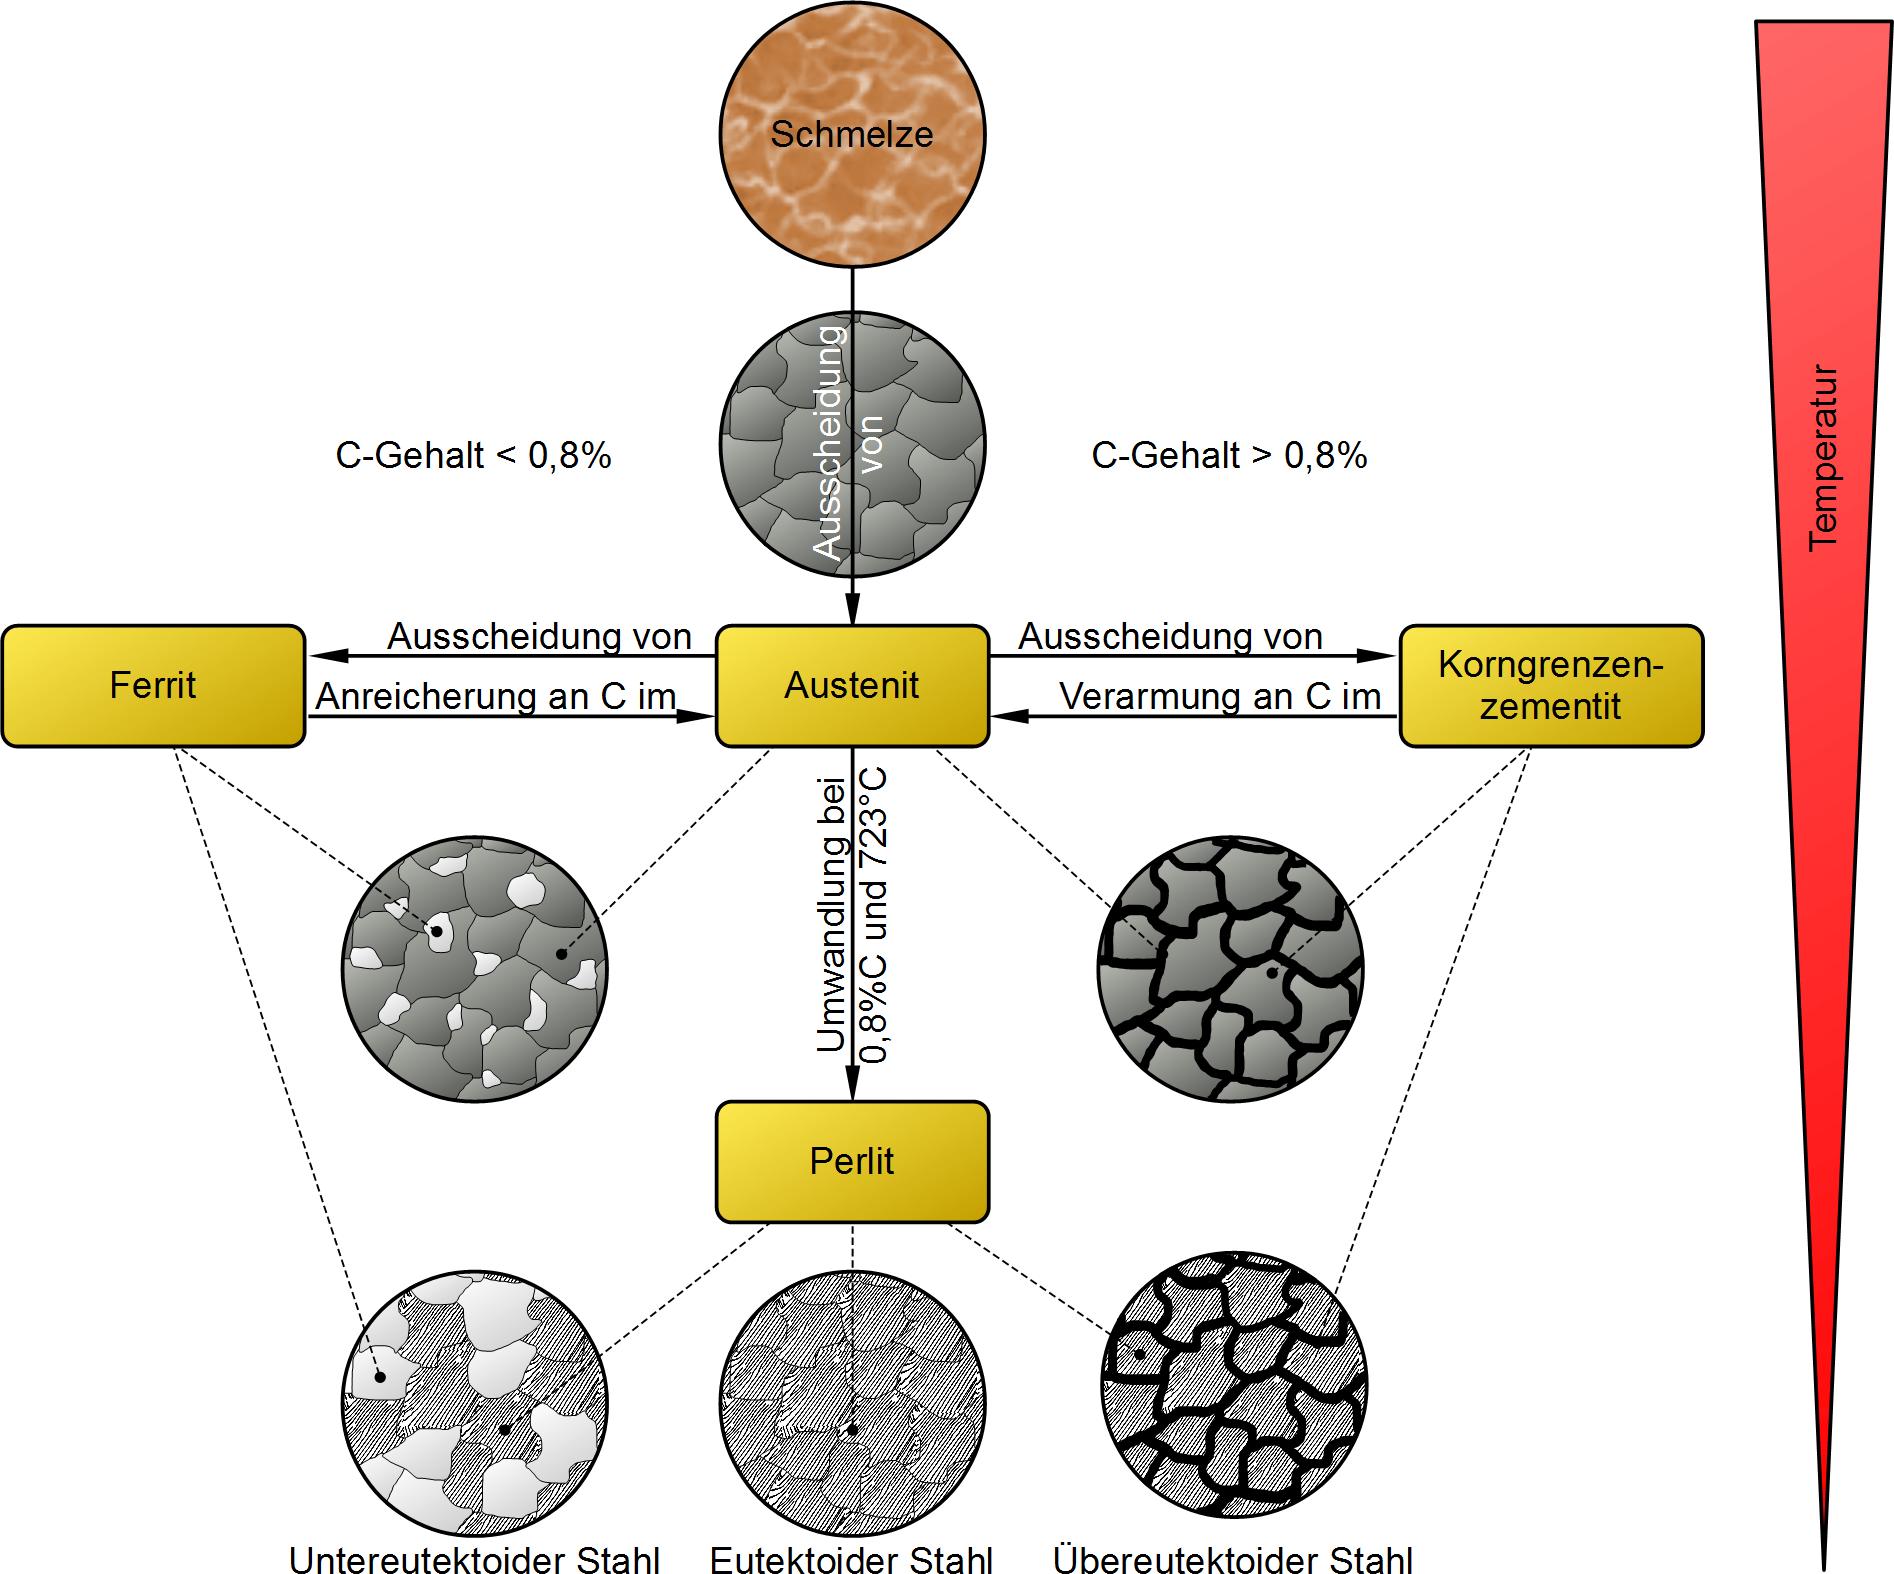 Zusammenfassung der Phasenumwandlungen - Maschinenbau & Physik